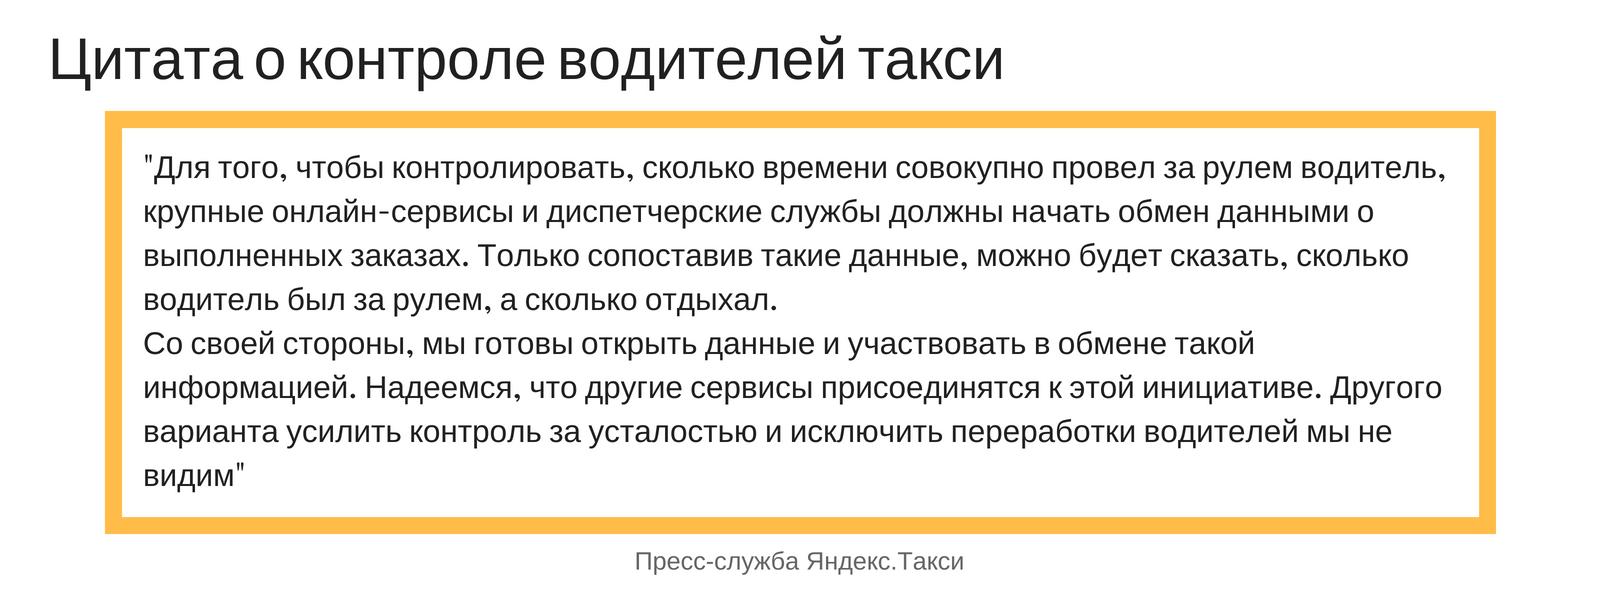 Цитата Яндекс